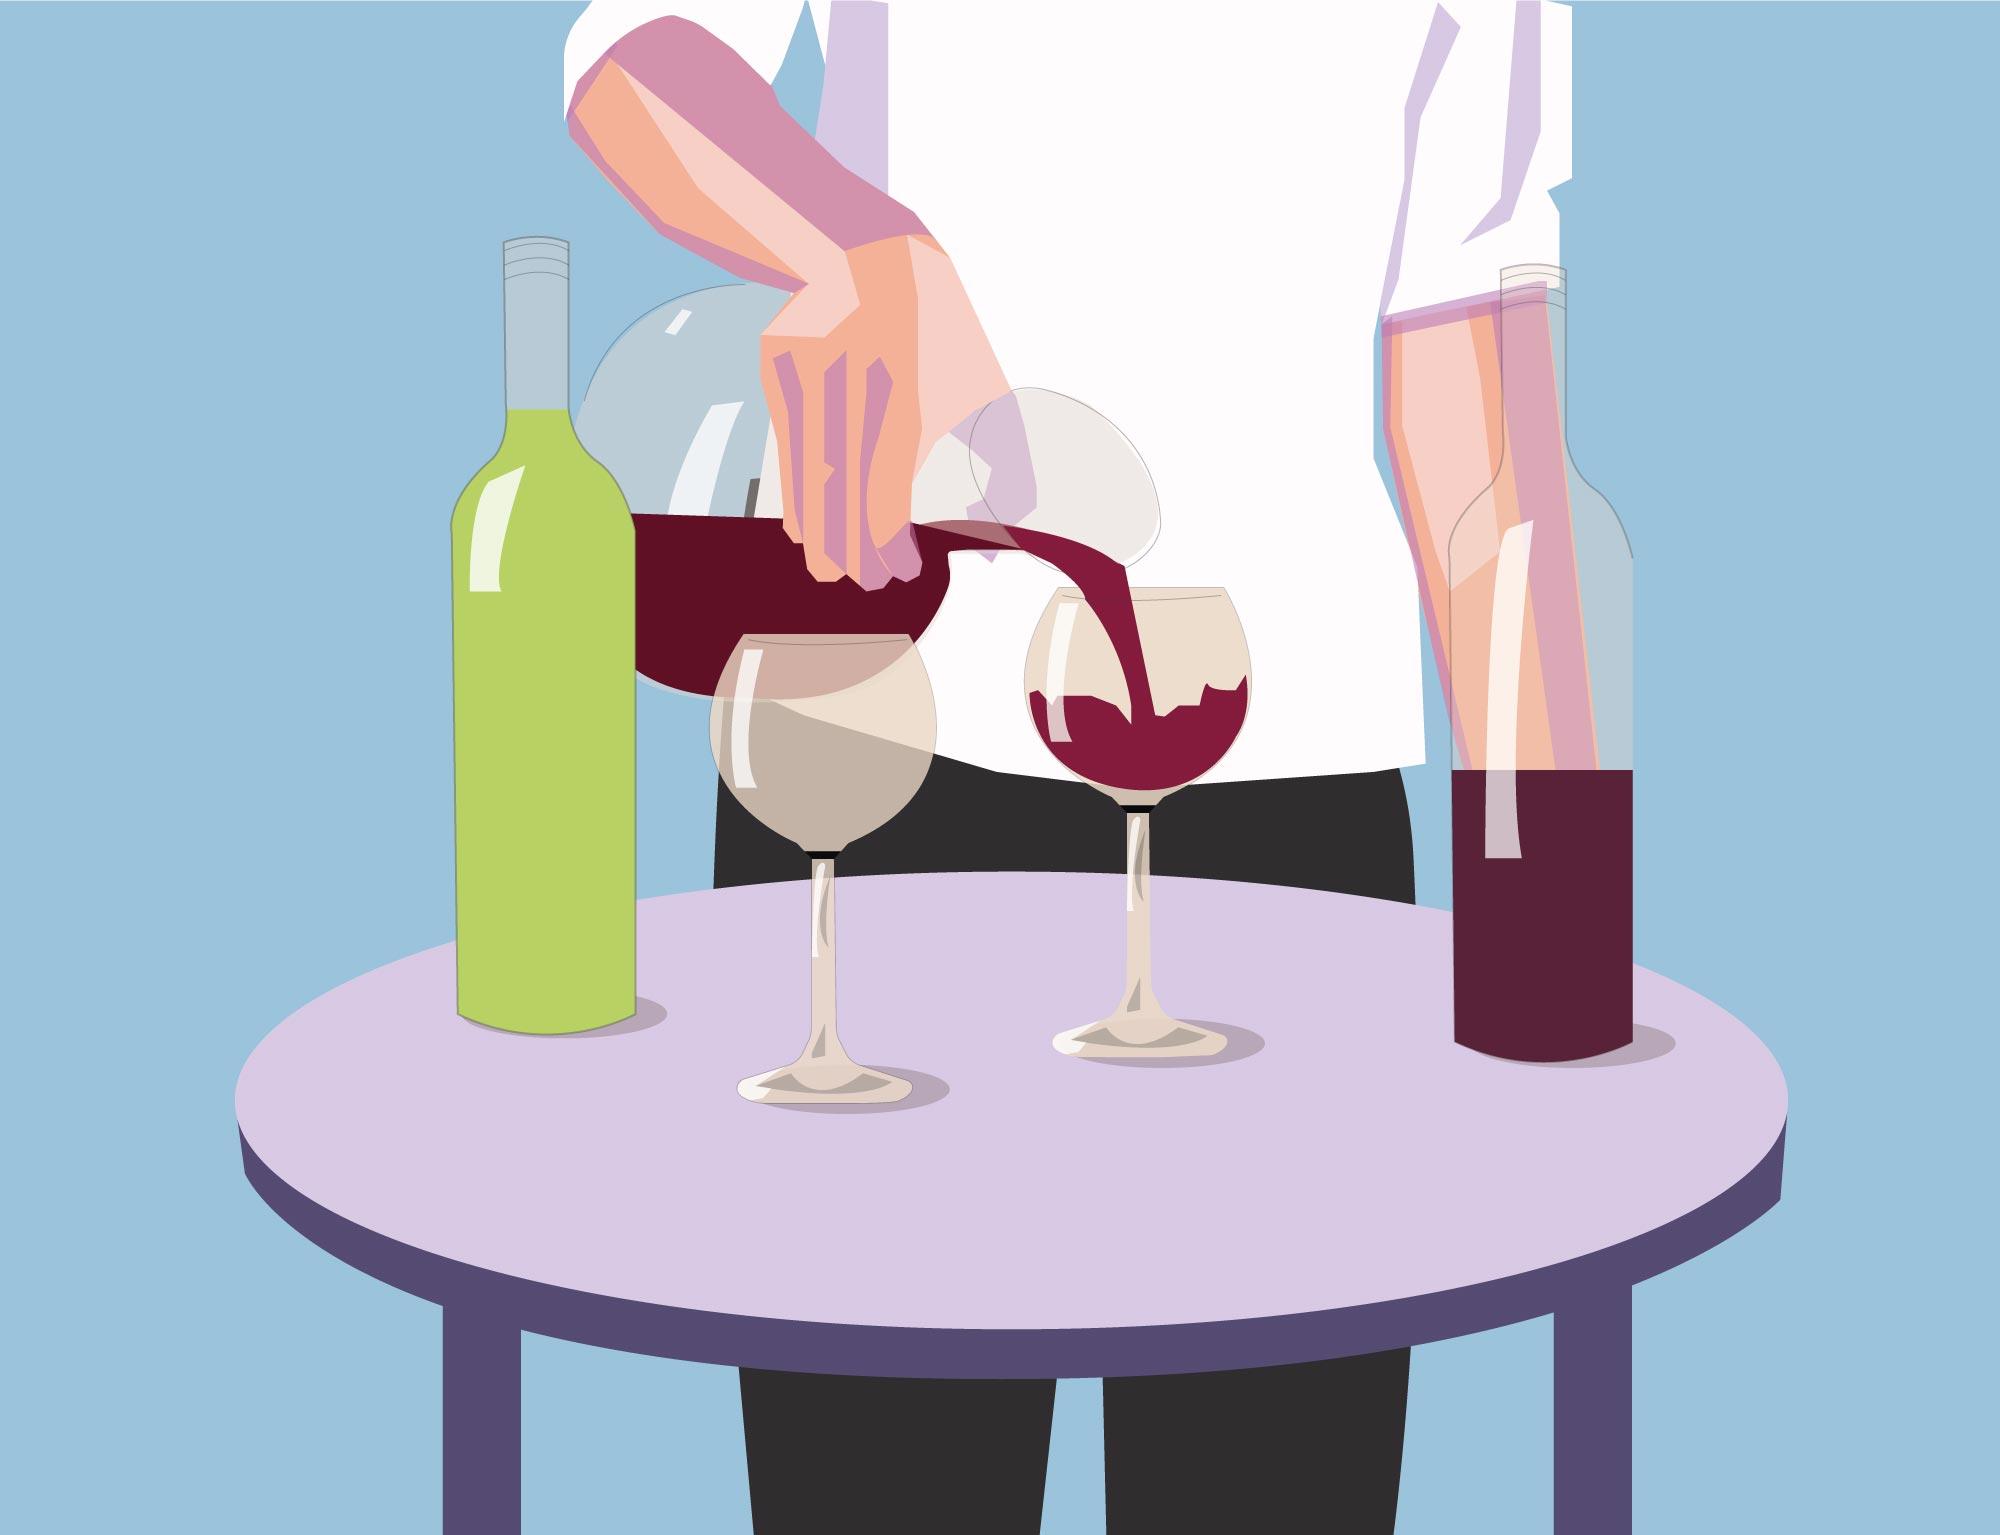 Que vinhos se devem decantar?